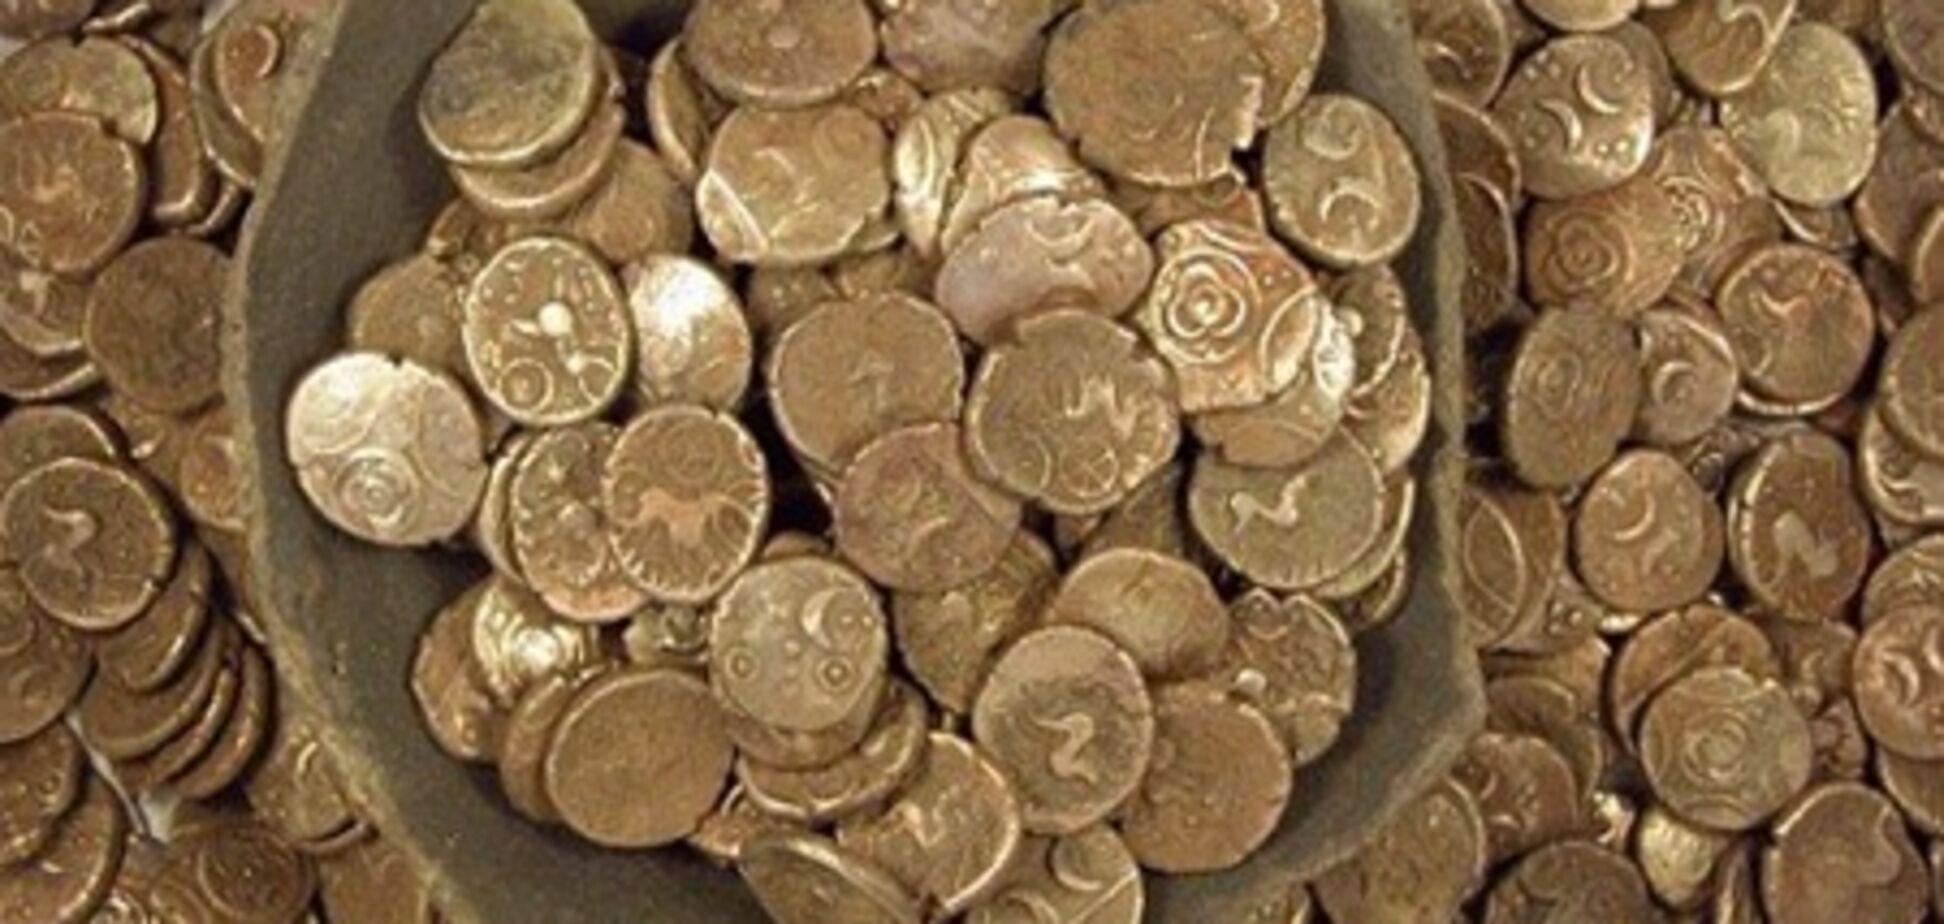 Семейная пара в своем доме обнаружила клад на 100 тыс. евро